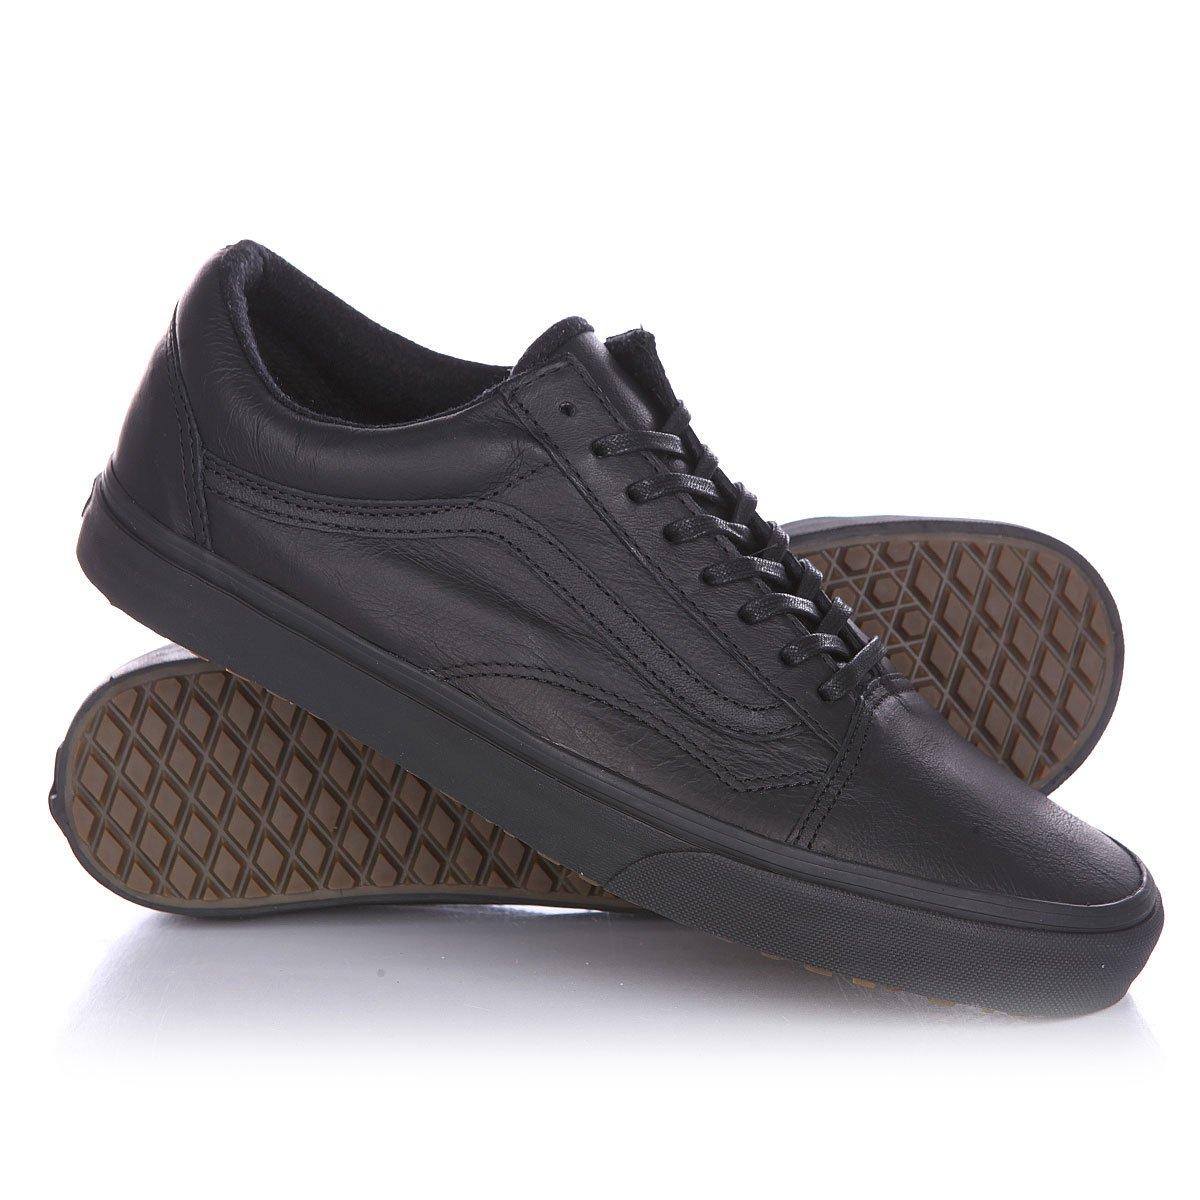 Купить кеды низкие Vans Old Skool Mte Black Leather в интернет-магазине  Proskater.by 0d4e7956d29